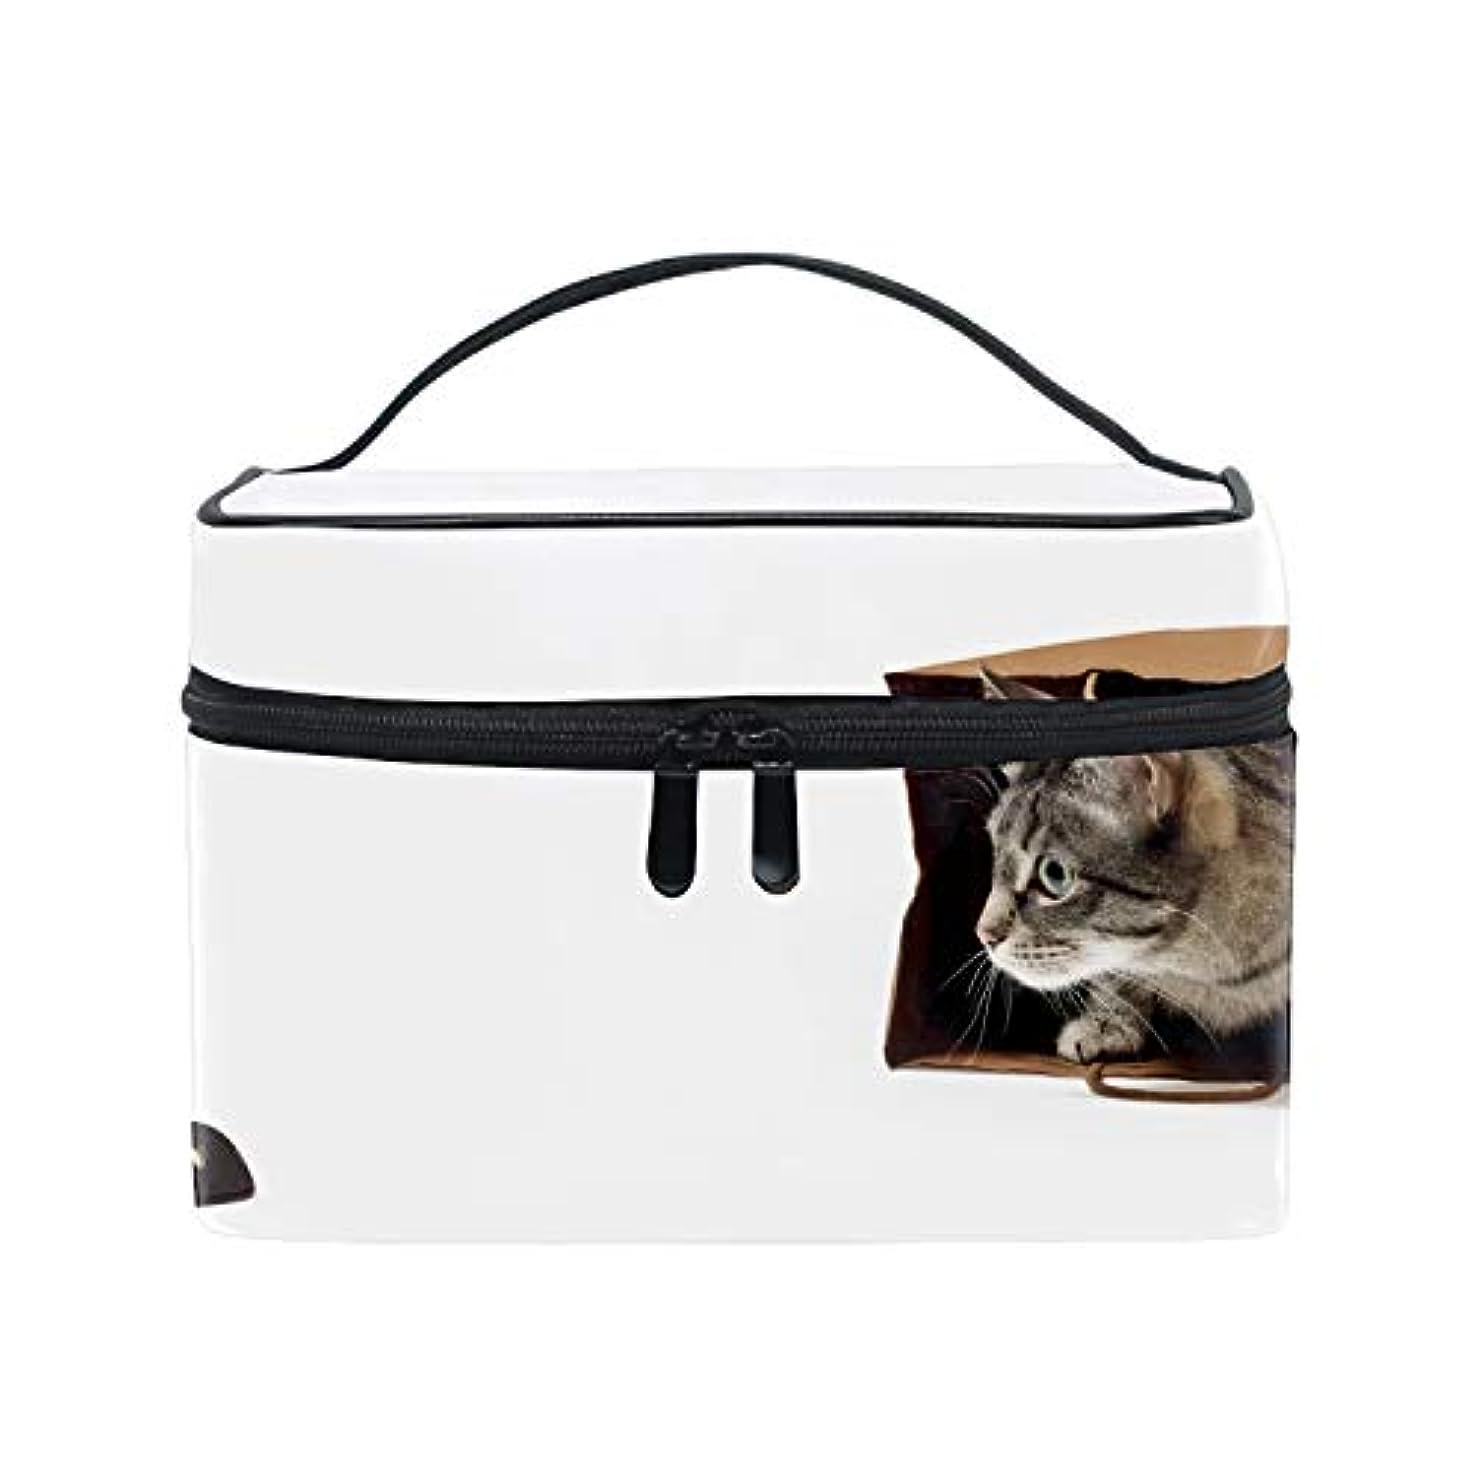 孤児負侵入するAnimals Cat Pet Bag Computer Mice Humorメイクボックス コスメ収納 トラベルバッグ 化粧 バッグ 高品質